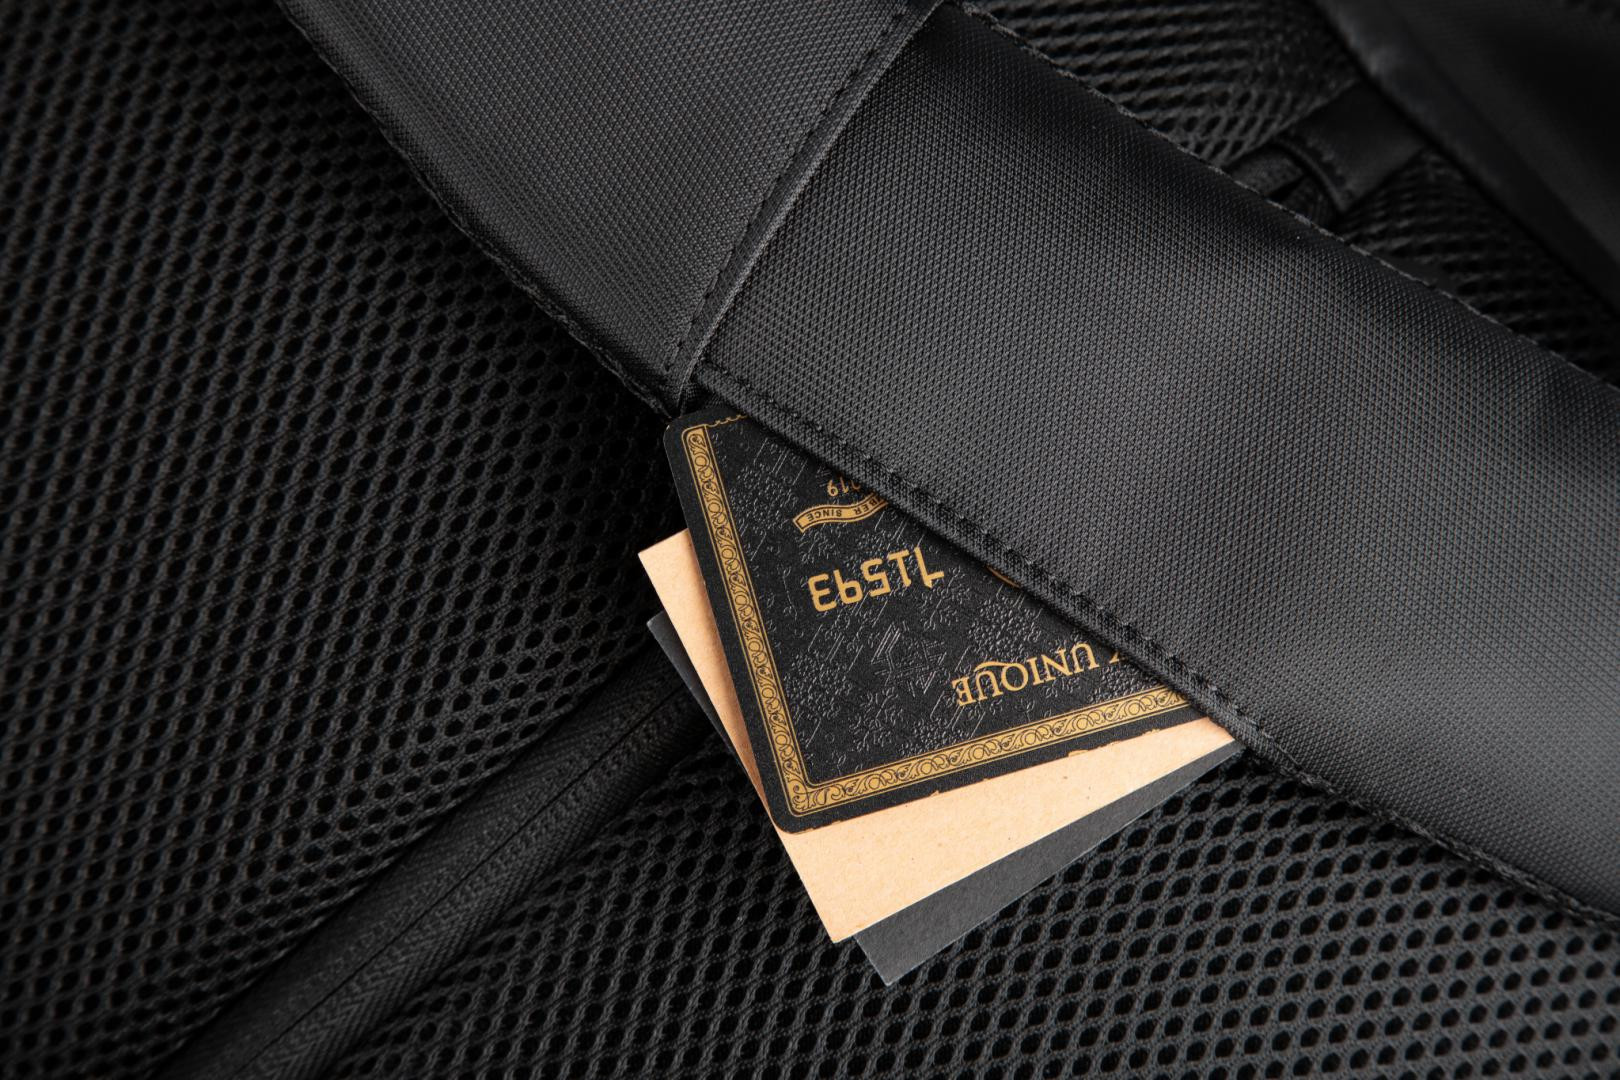 """Rucsac notebook Serioux, SMART TRAVEL ST9590, dimensiuni 31 x 16 x 46 cm, rezistent la apa, compartimente multiple, compartiment separat pentru notebook: max. 15.6"""", bretele ajustabile, port de încărcare USB, buzunar ascuns la spate, material poliester - imaginea 7"""